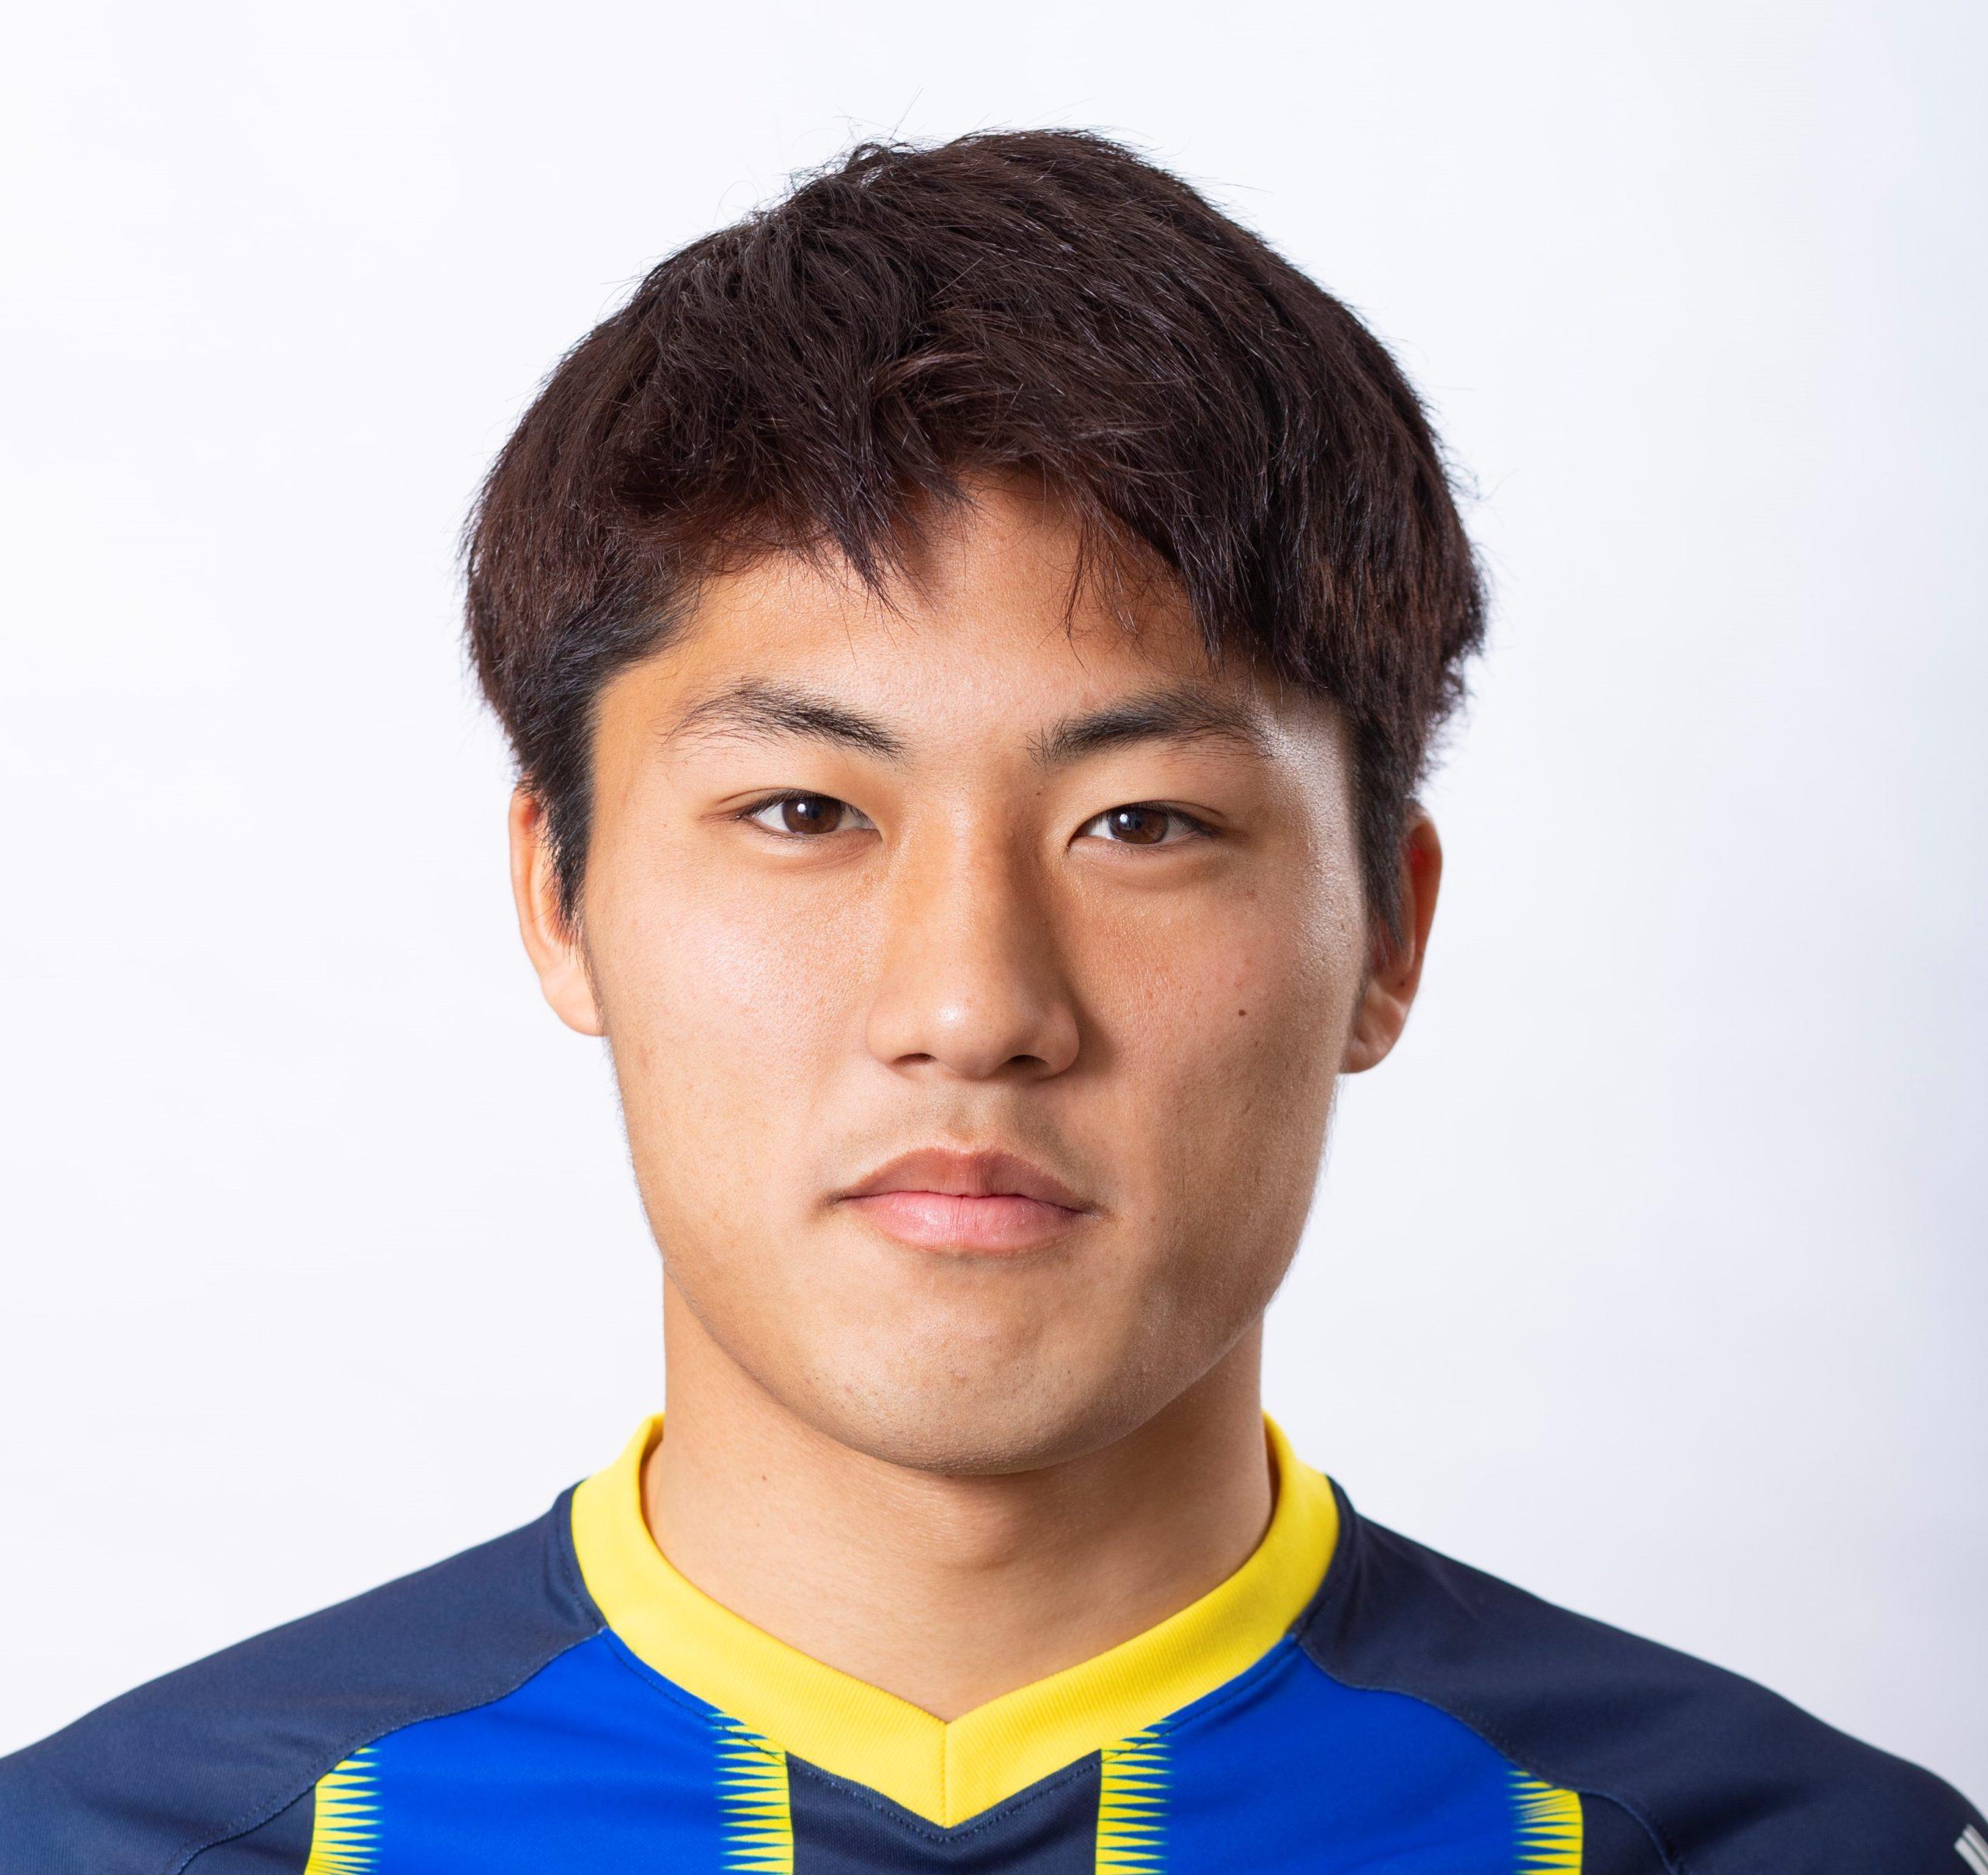 【トップ】河田 陵 選手 ローヴァーズ木更津FCへ移籍のお知らせ